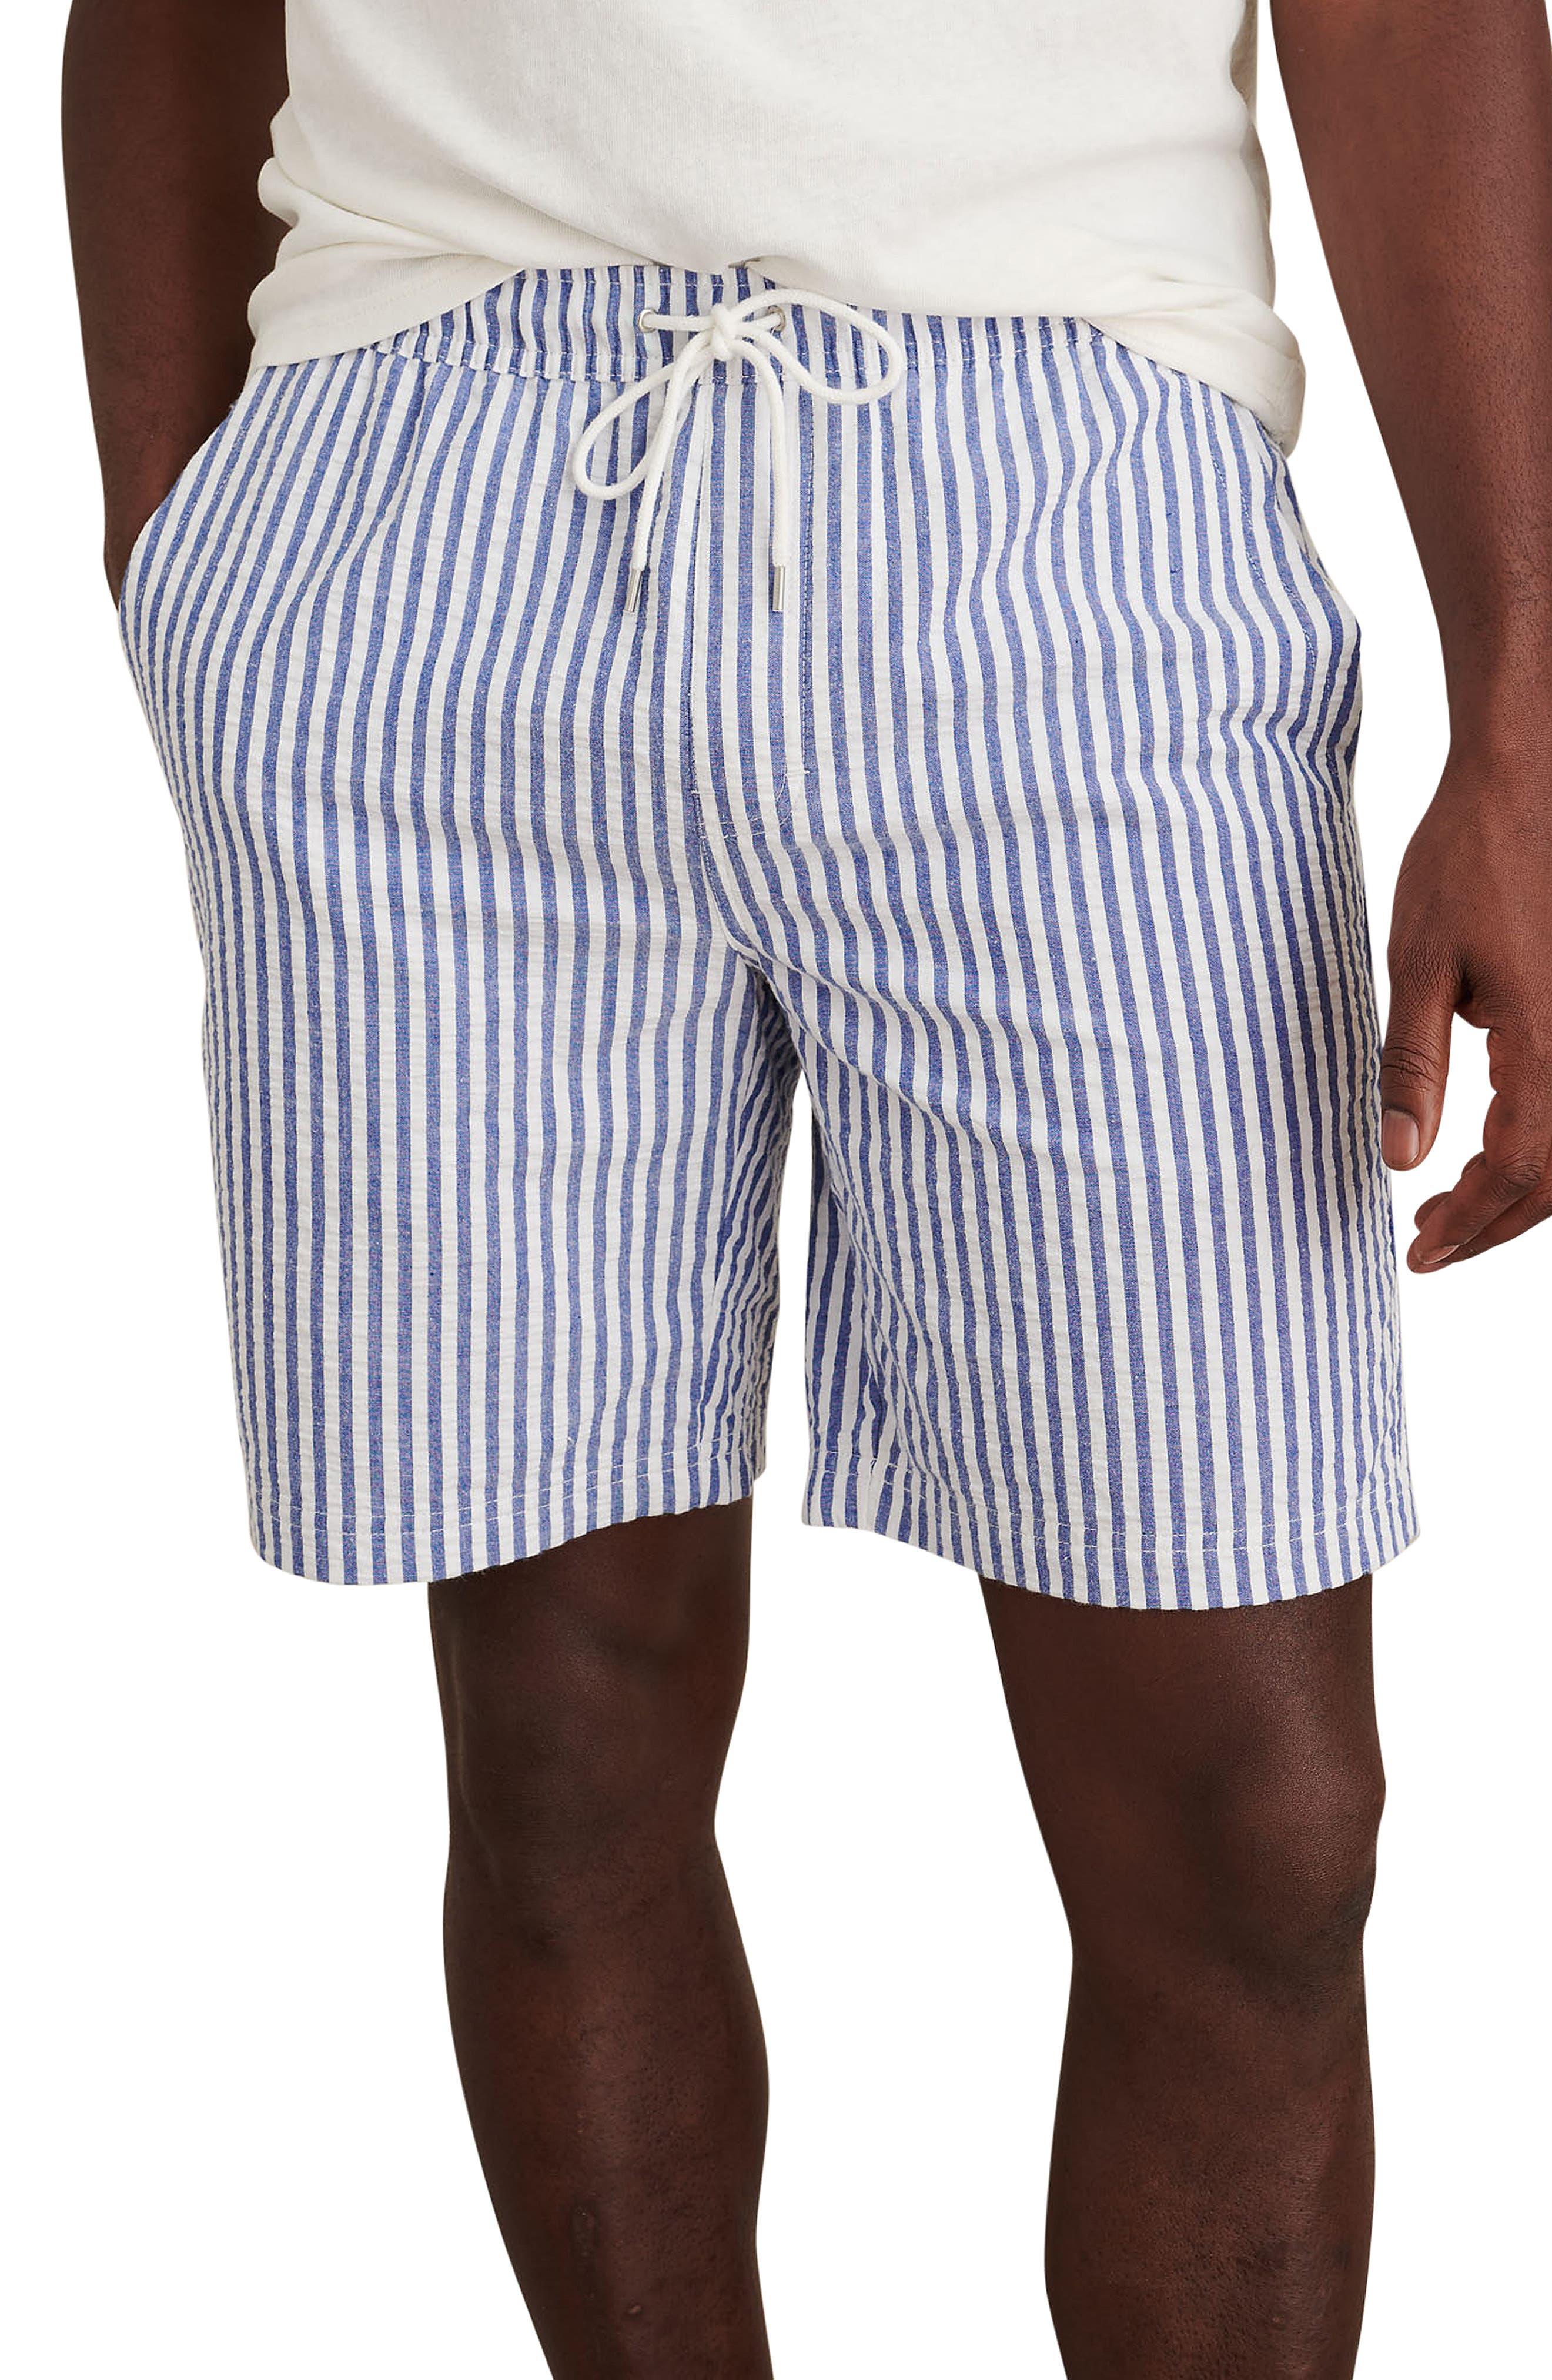 Saturday Cotton Seersucker Short